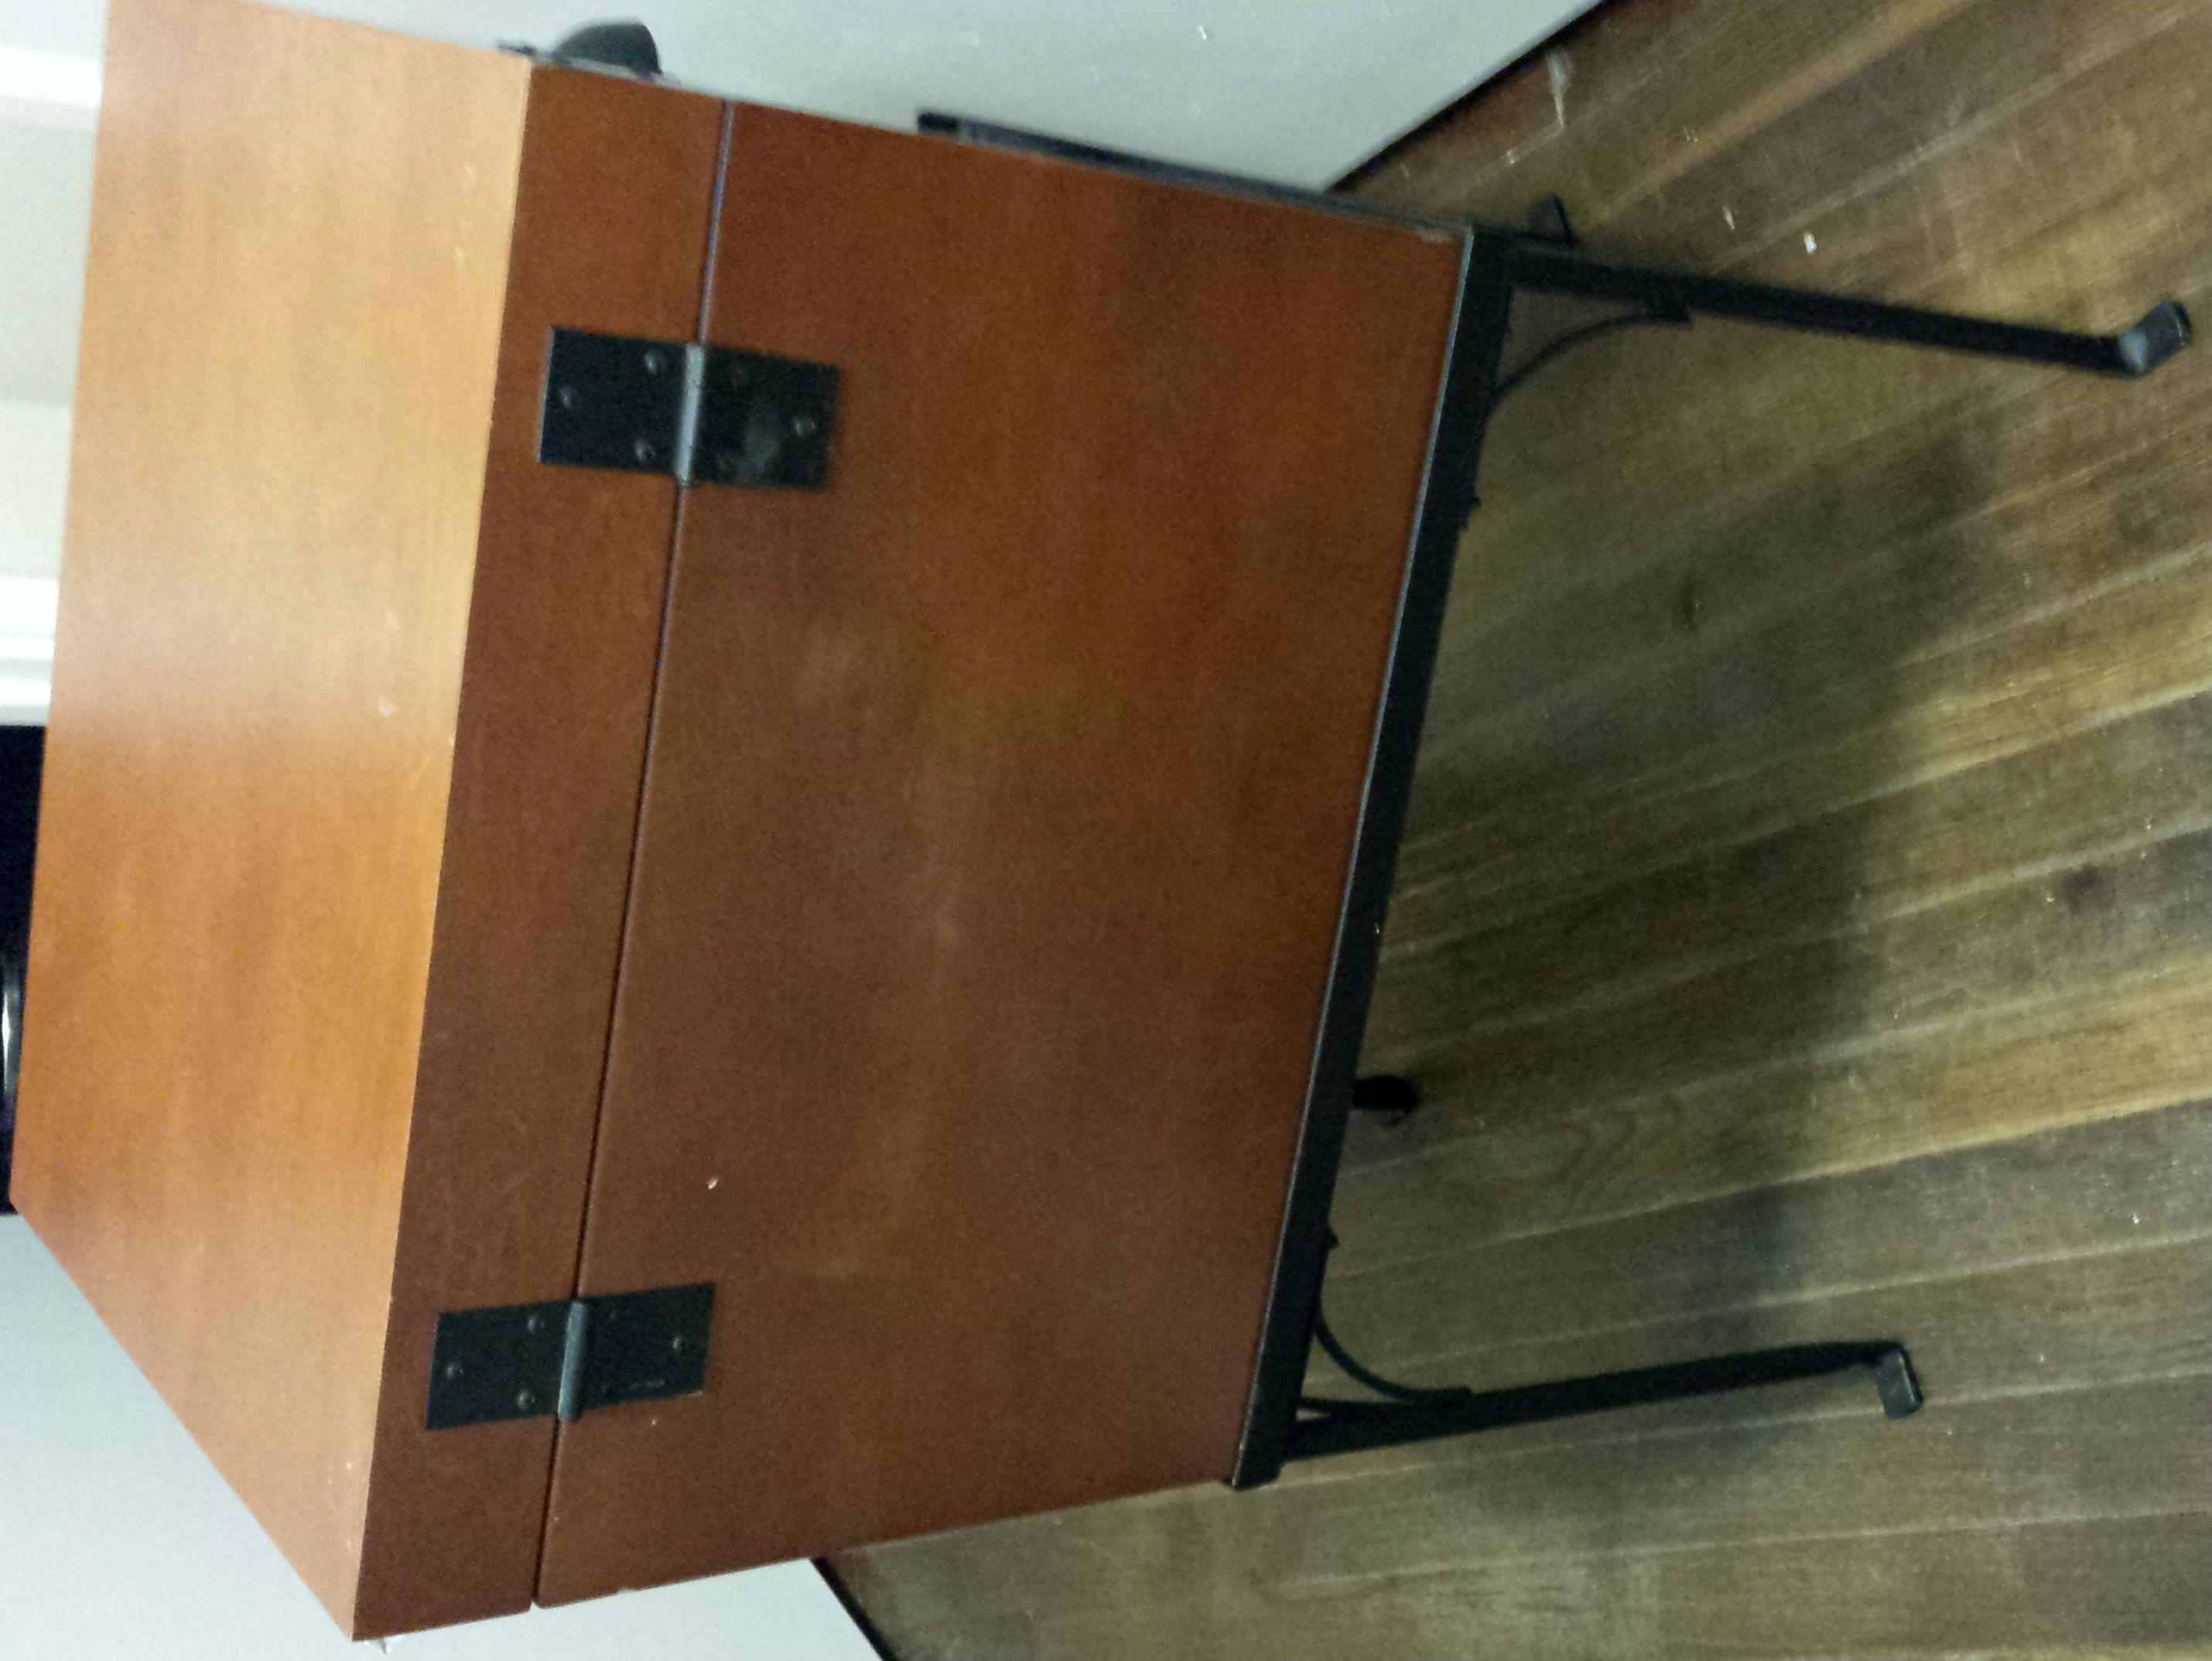 File cabinet frame